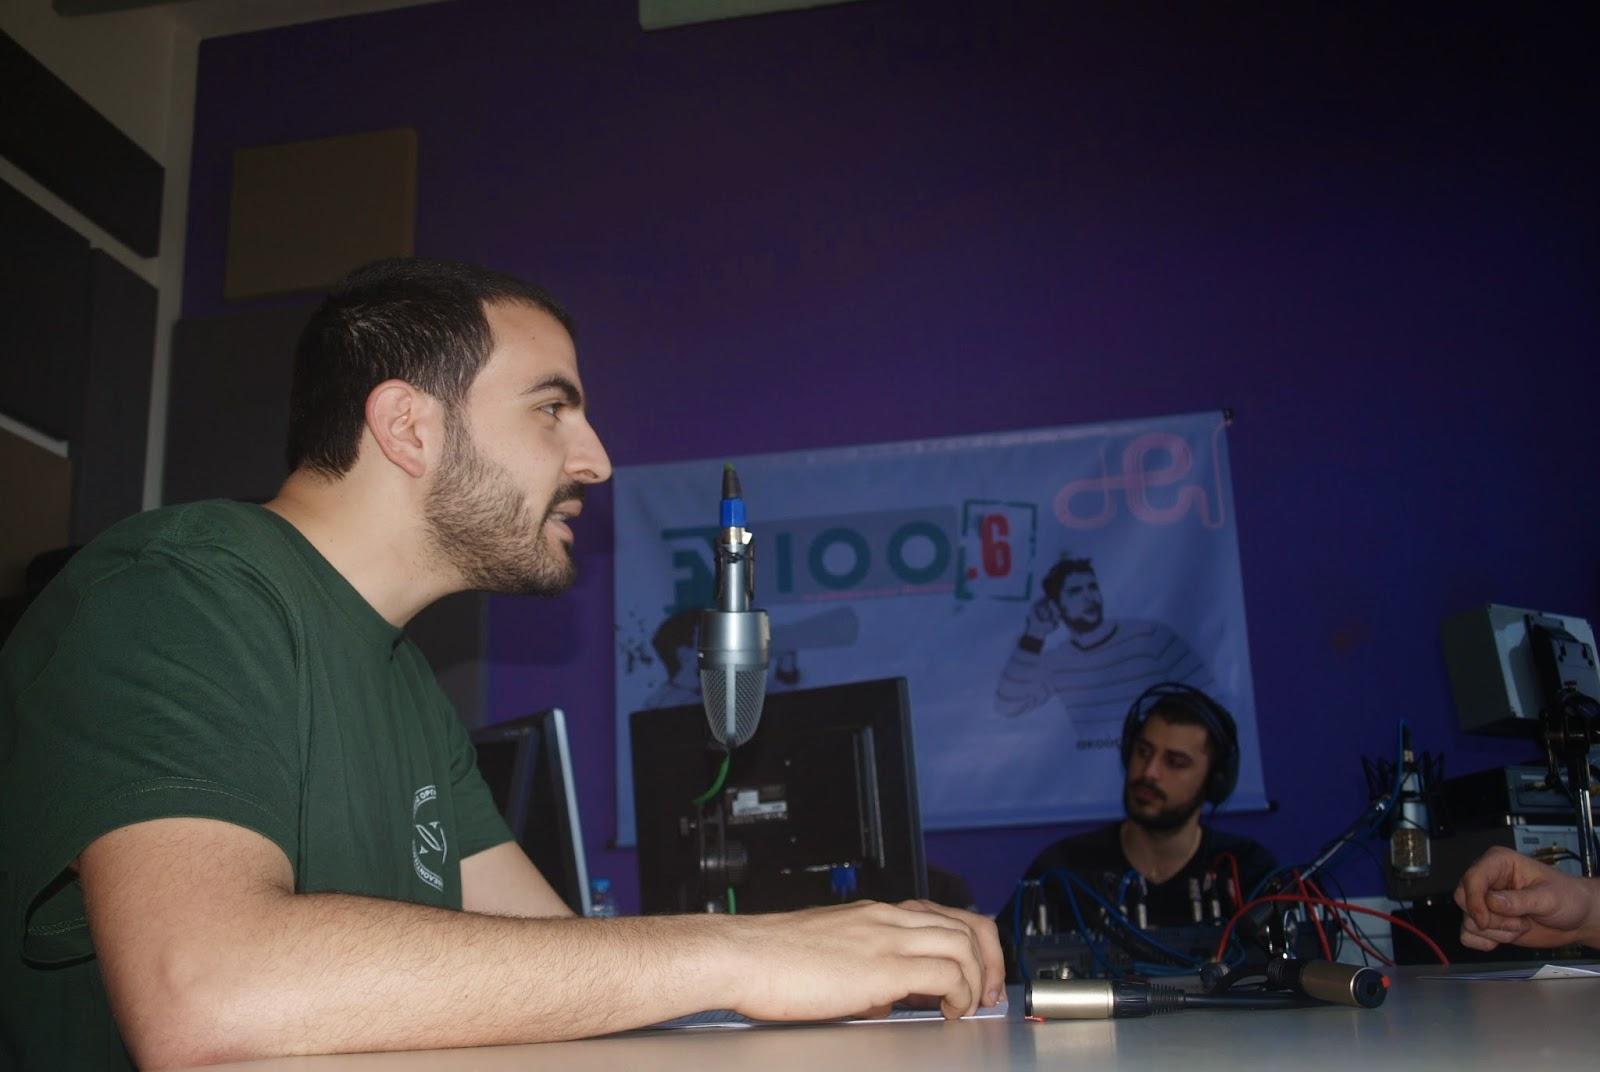 ΝΕΑ ΑΚΡΟΠΟΛΗ - Φιλοσοφία και Hip-Hop Κίνημα στο Δημοτικό Ραδιόφωνο Θεσσαλονίκης 100.6FM